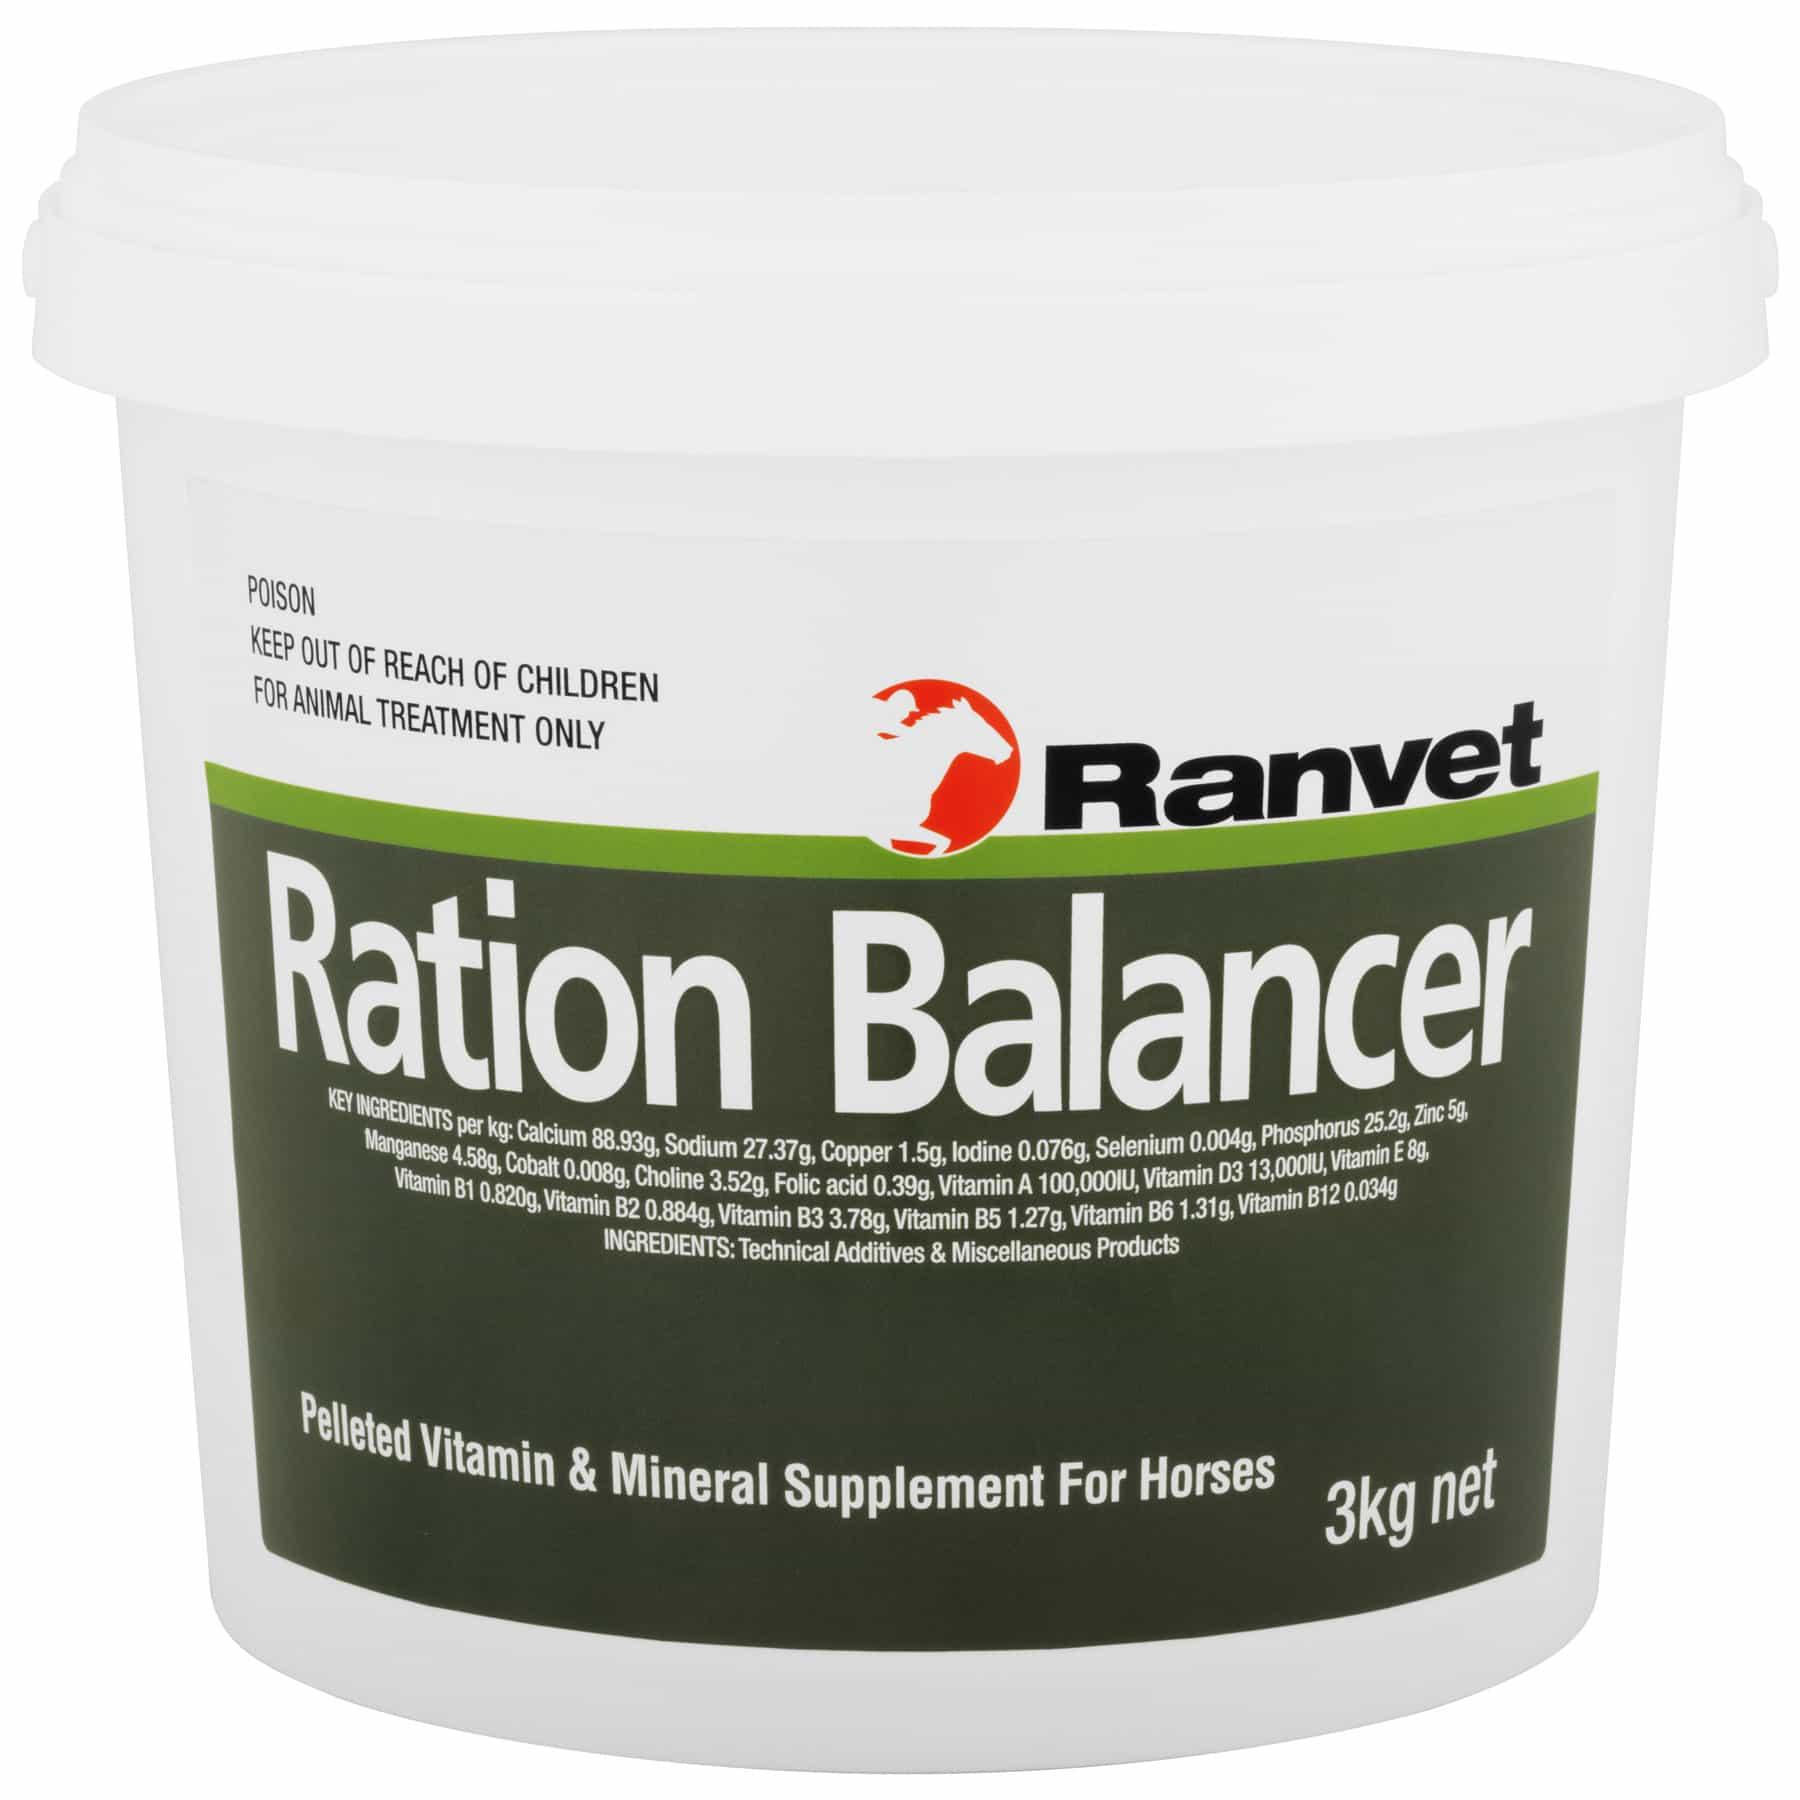 Ration Balancer Pellet 3kg at Bowral Coop